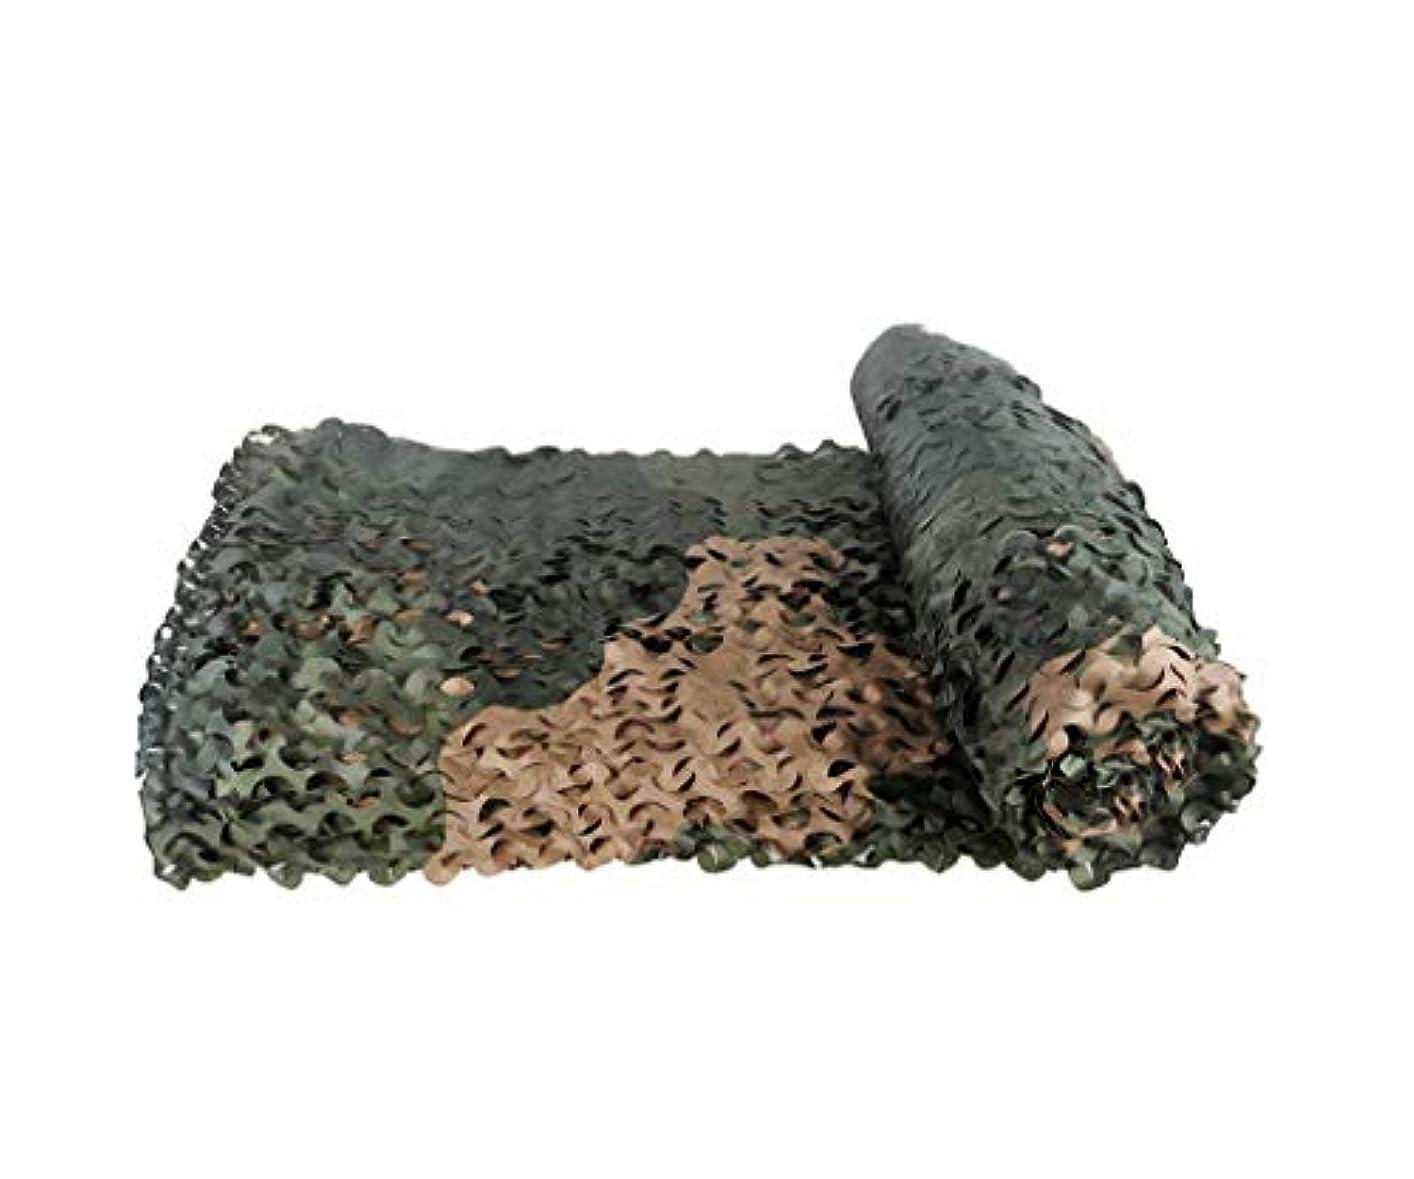 環境に優しいジェム手荷物テラスの日除け カモフラージュネットは、2メートル、3メートル、4メートル、5メートル、6メートル、8メートル、10メートル、狩猟撮影隠された軍の迷彩ネットのために使用することができます 迷彩ネット日焼け止めネット (サイズ さいず : 4*6m)